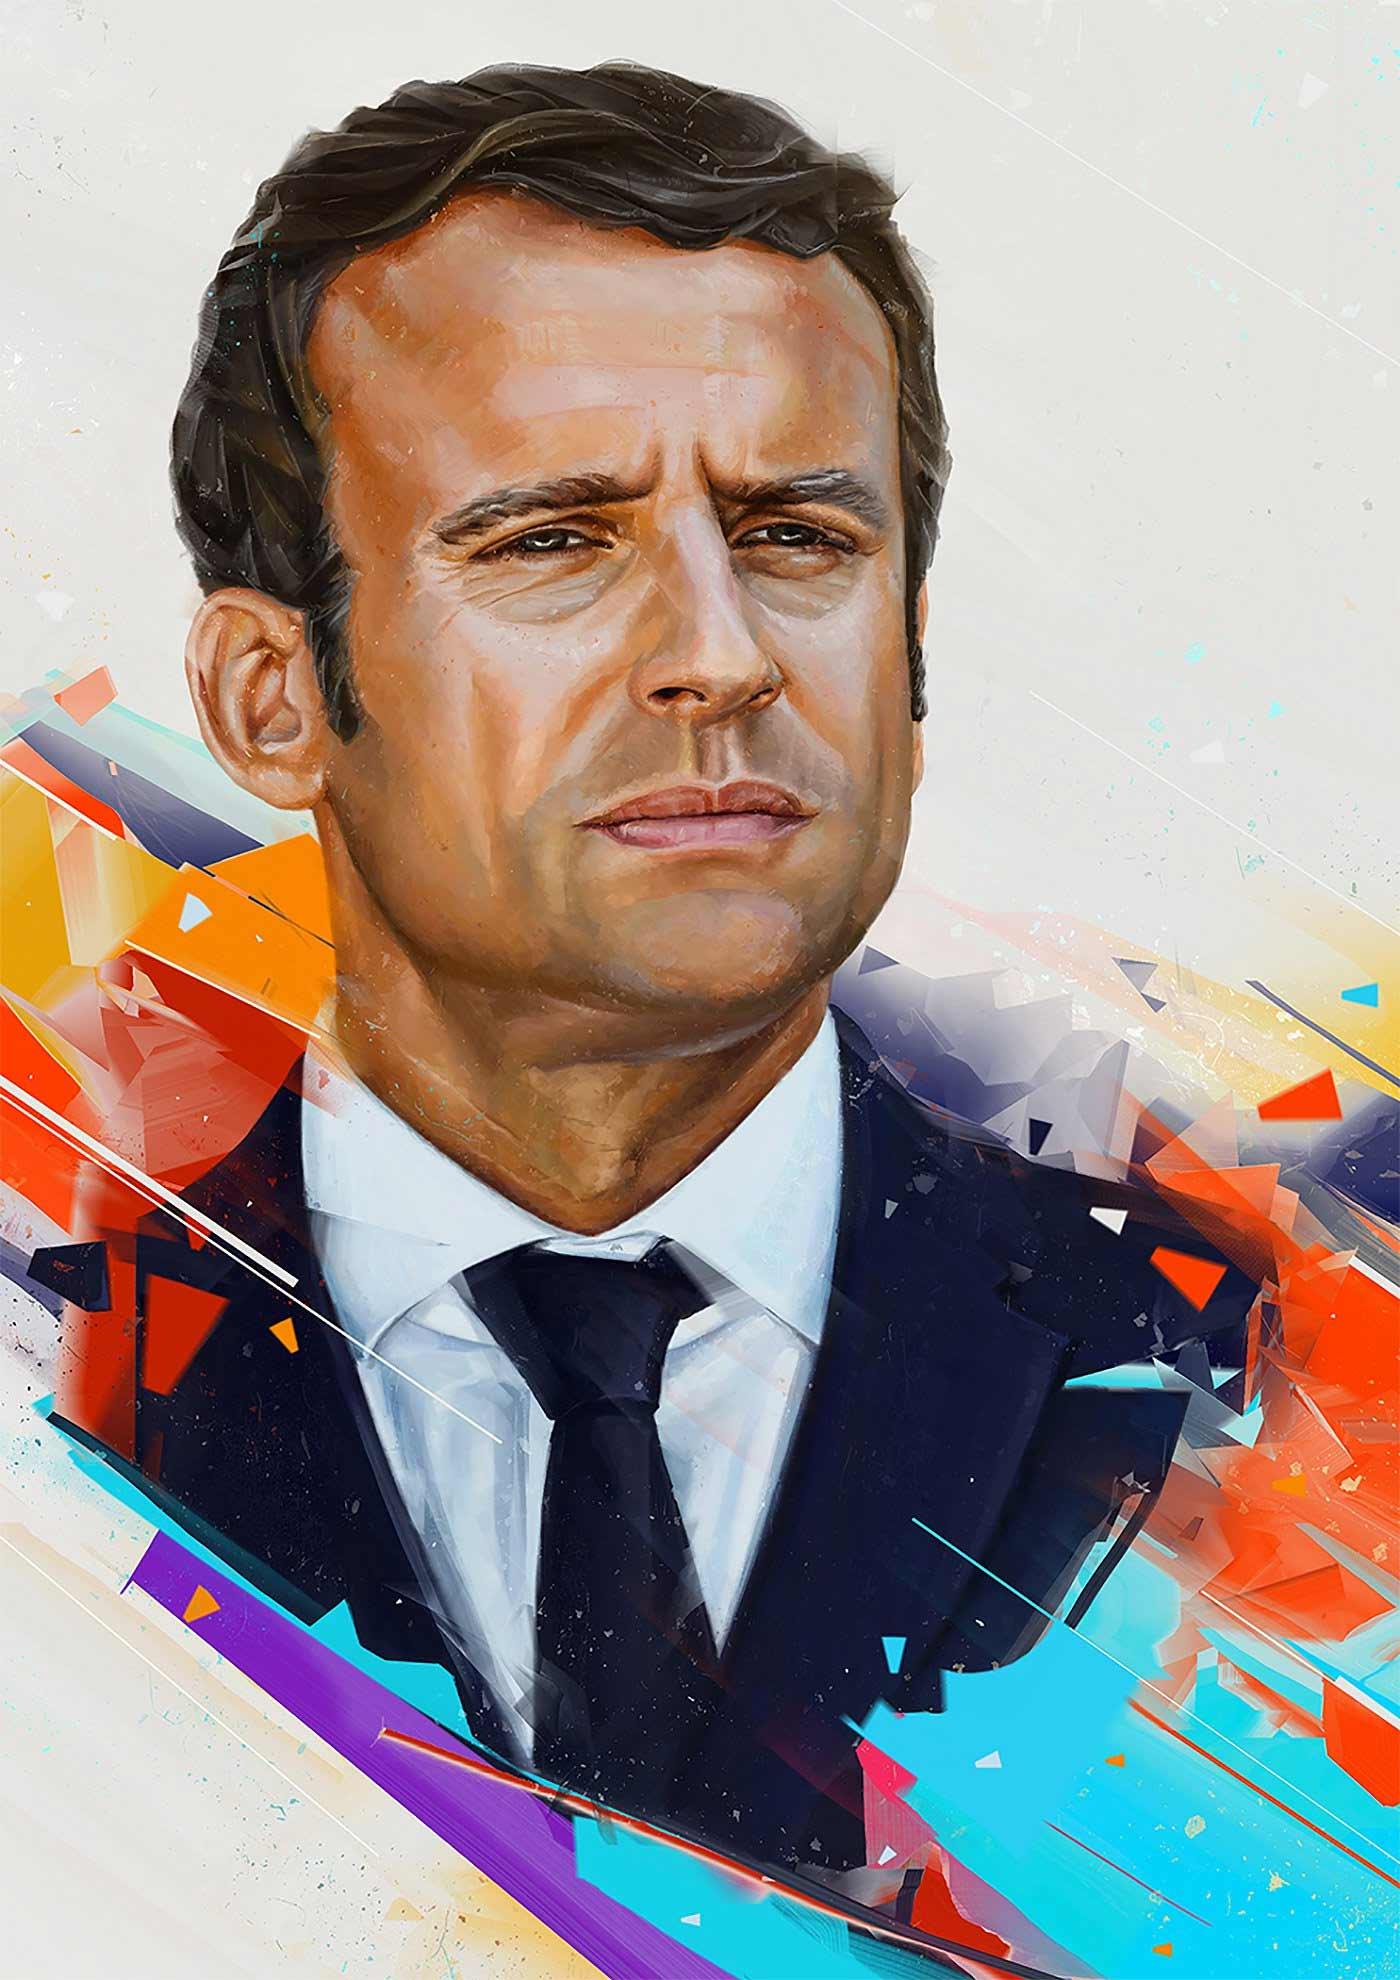 Promi-Portraits von Denis Gonchar Denis-Gonchar-Popkultur-Portraits_06